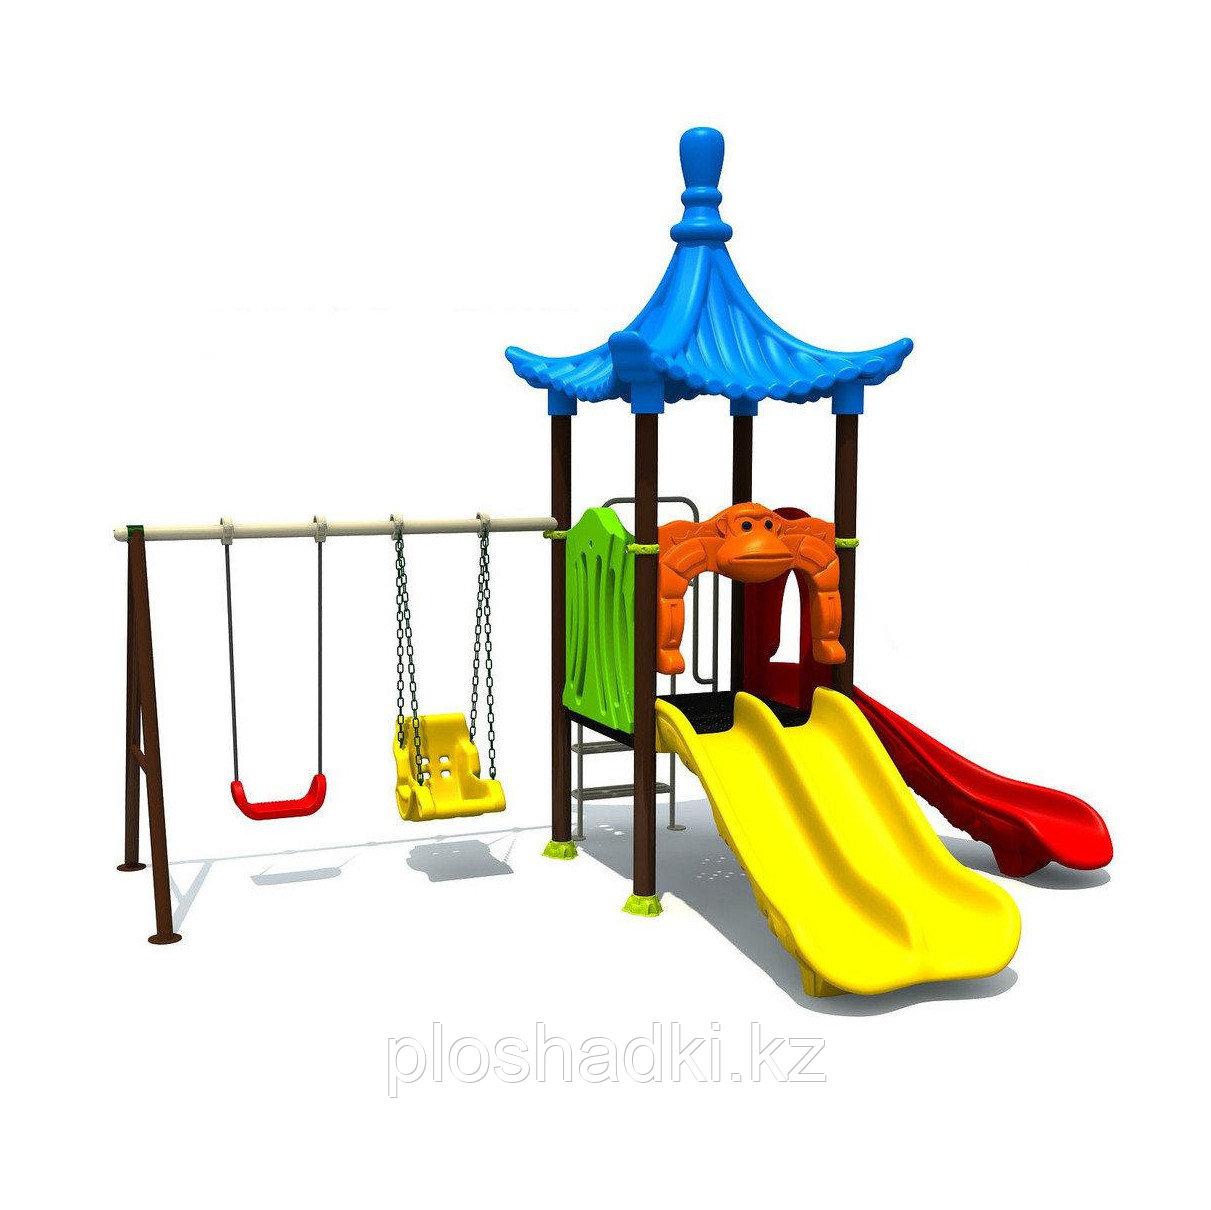 """Детский игровой комплекс """"Волна"""", горки 2, домик, лестница"""